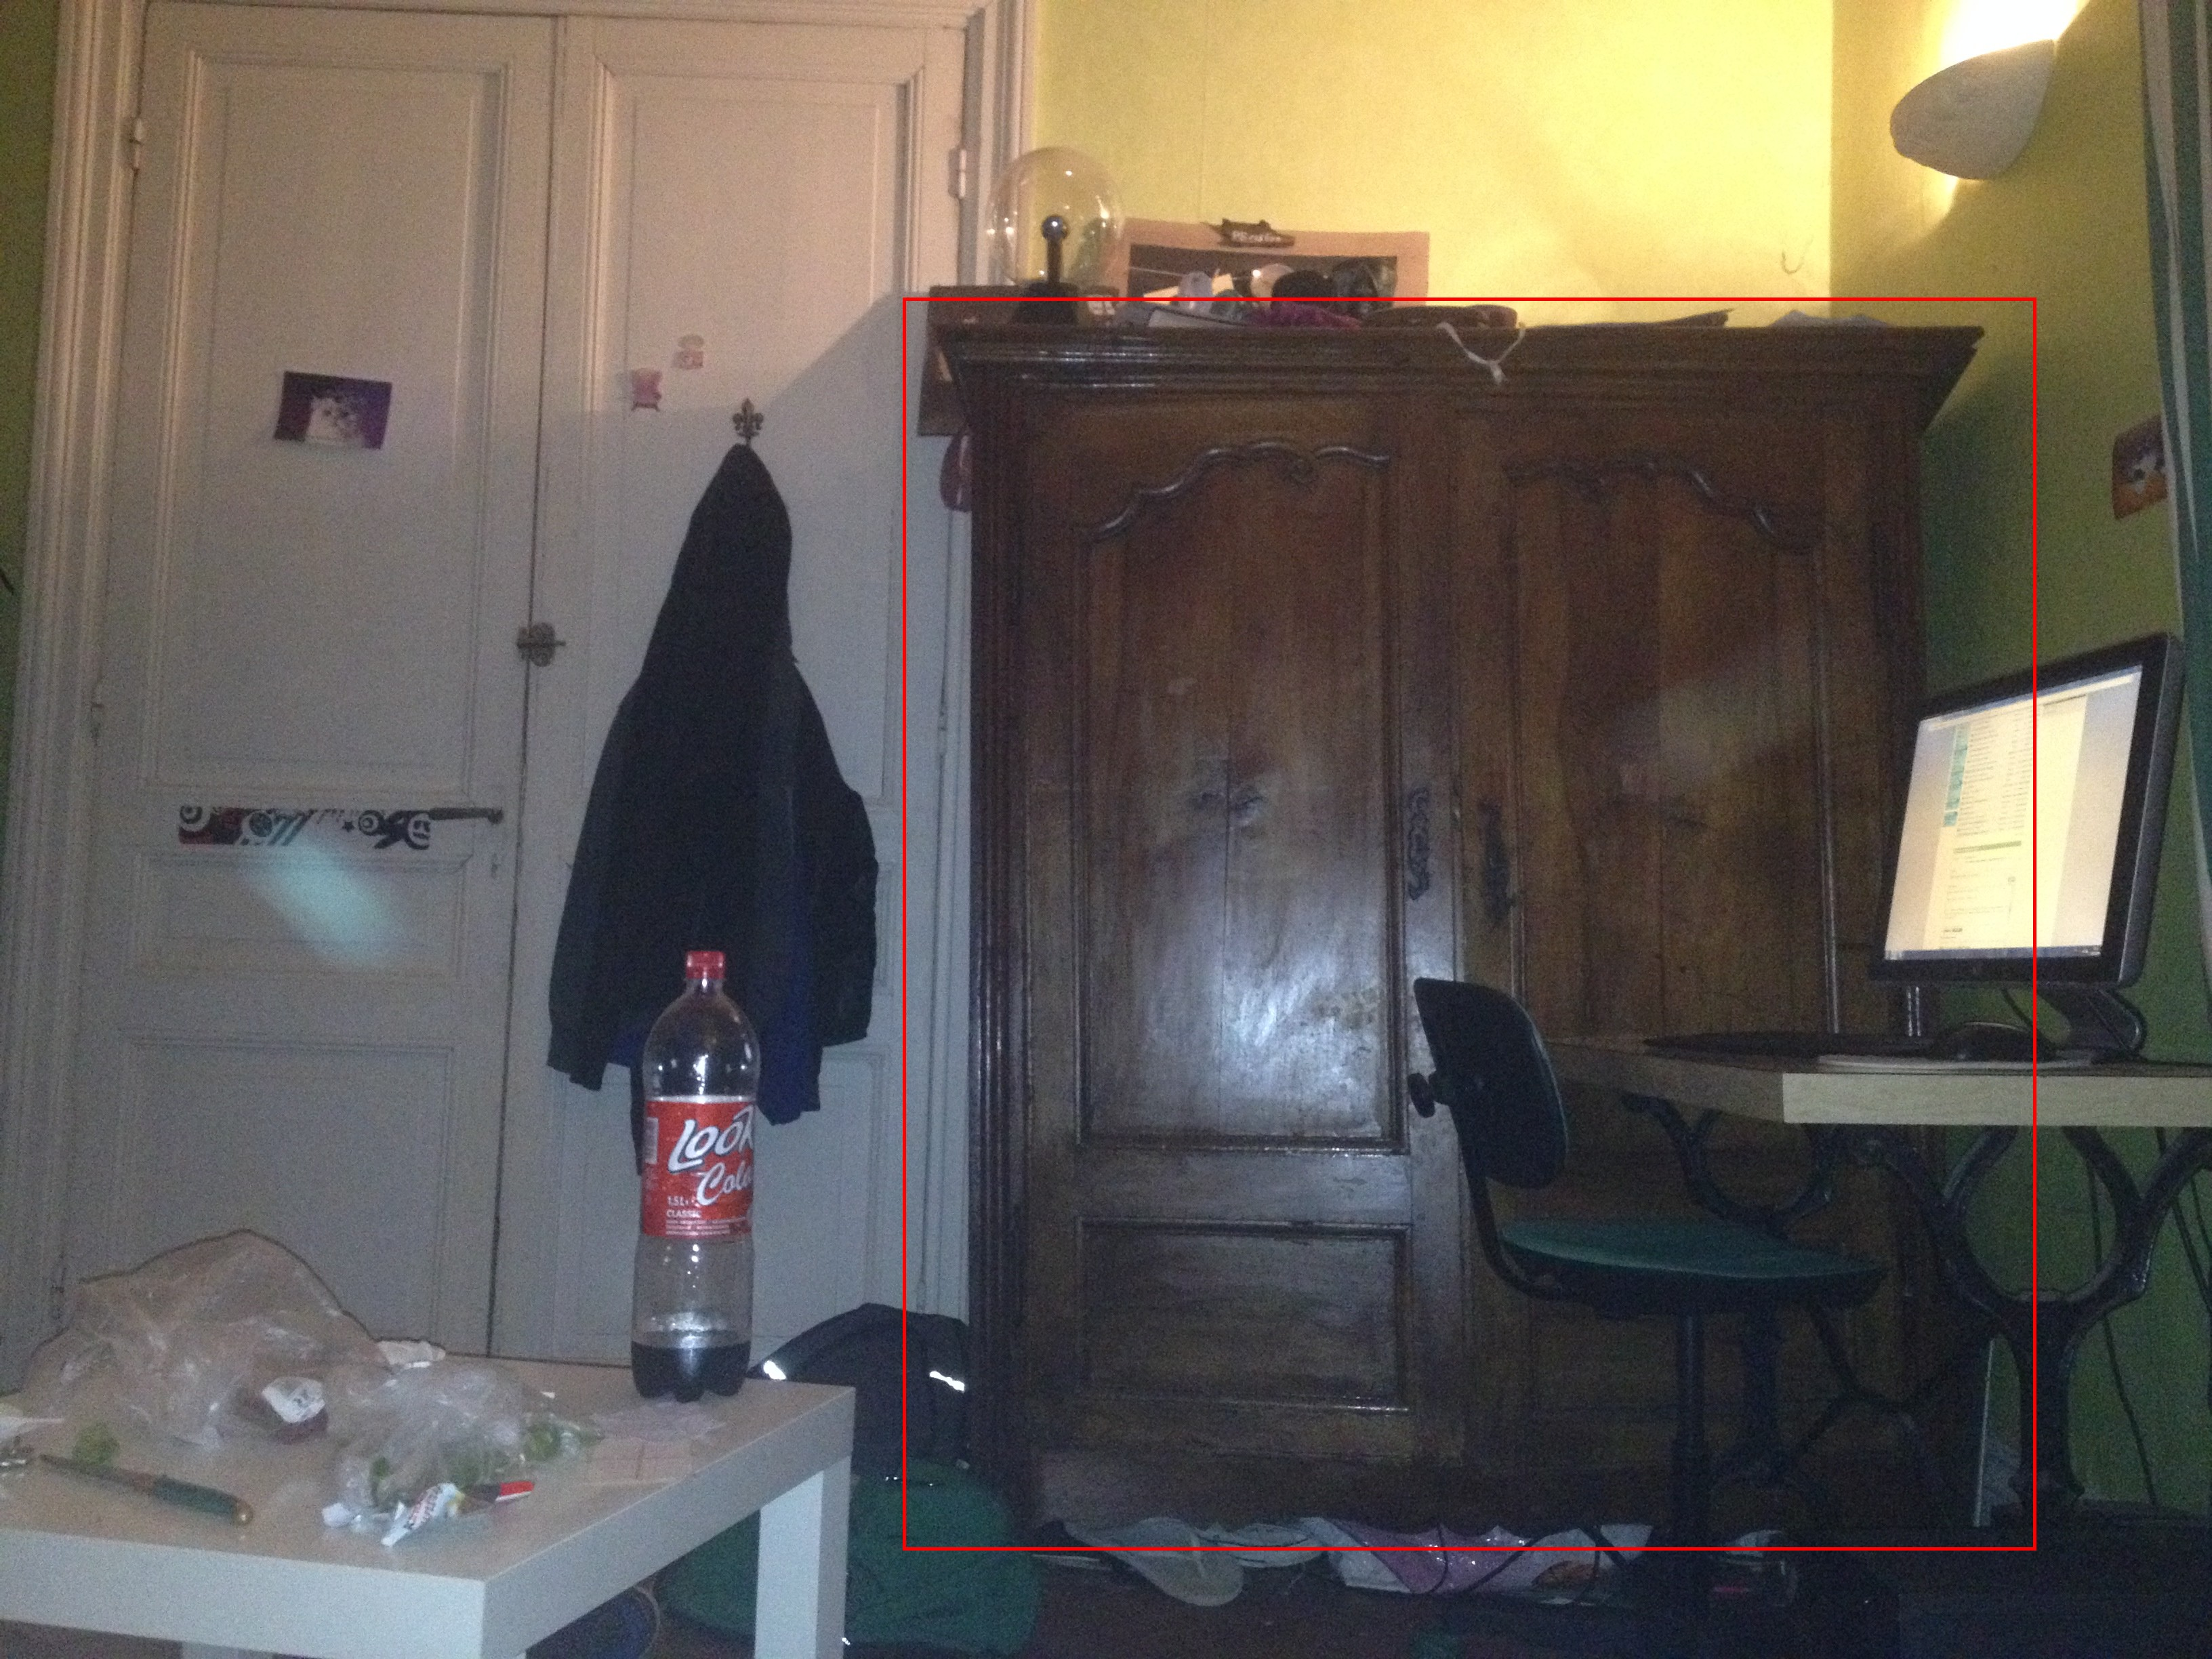 Aidez moi pour le plan de ma chambre sur le forum Blabla 15 18